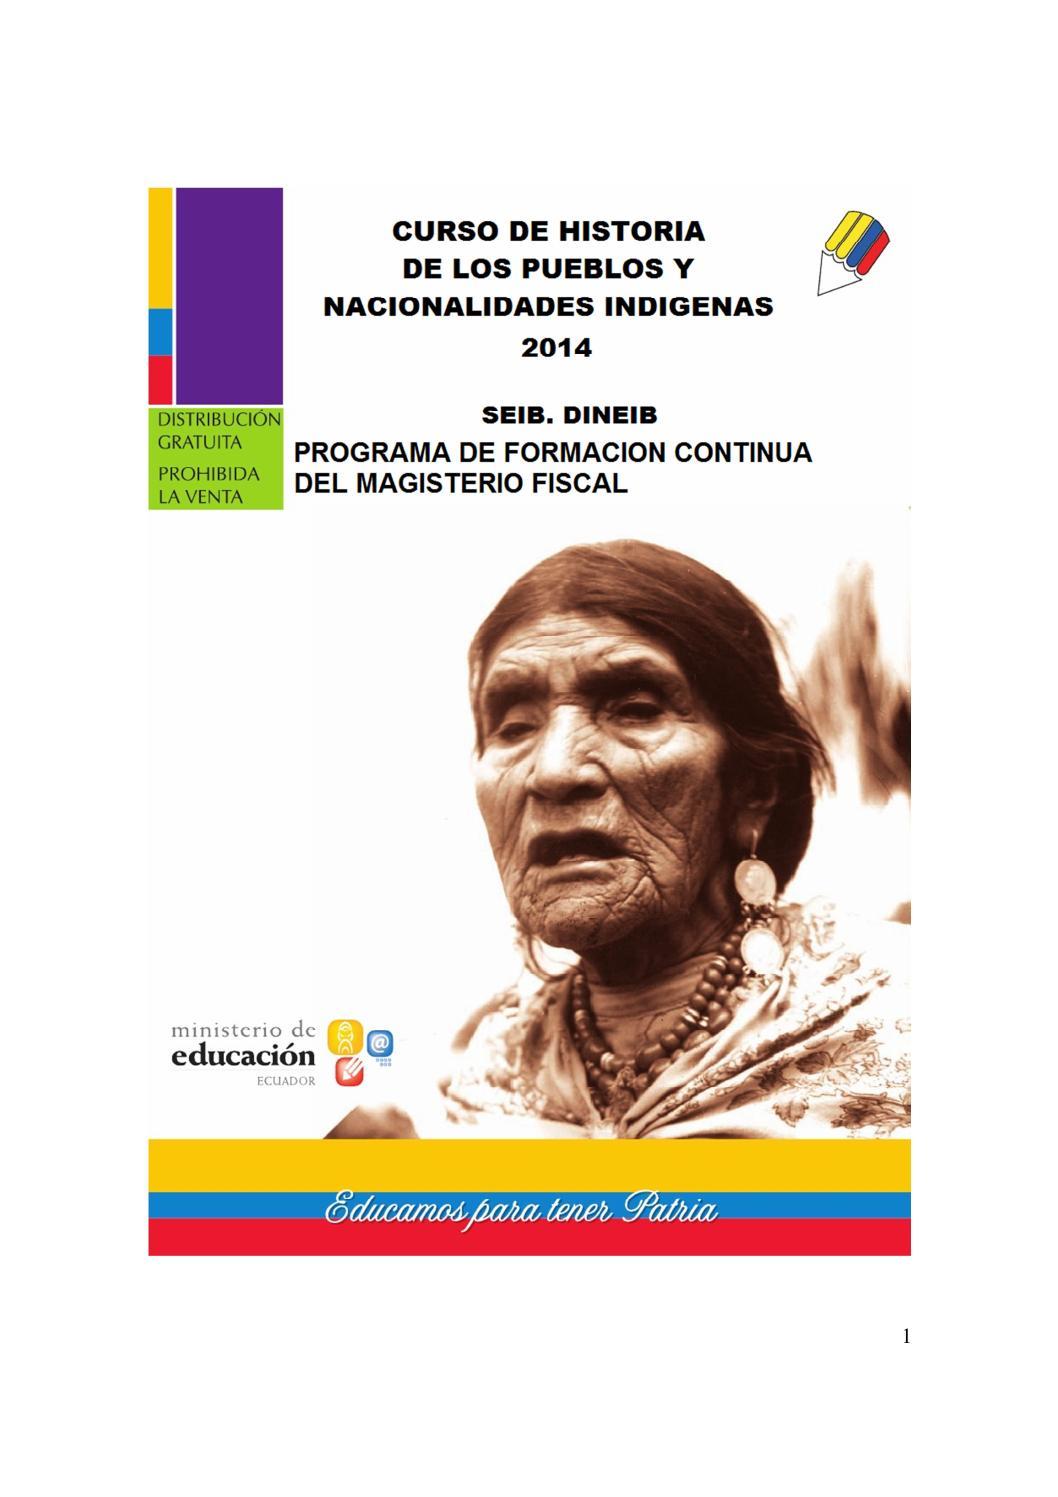 fb48c4e55 Modulo de historia puyo 2014 by Coordinacion Tecnica DIPEIBA - issuu